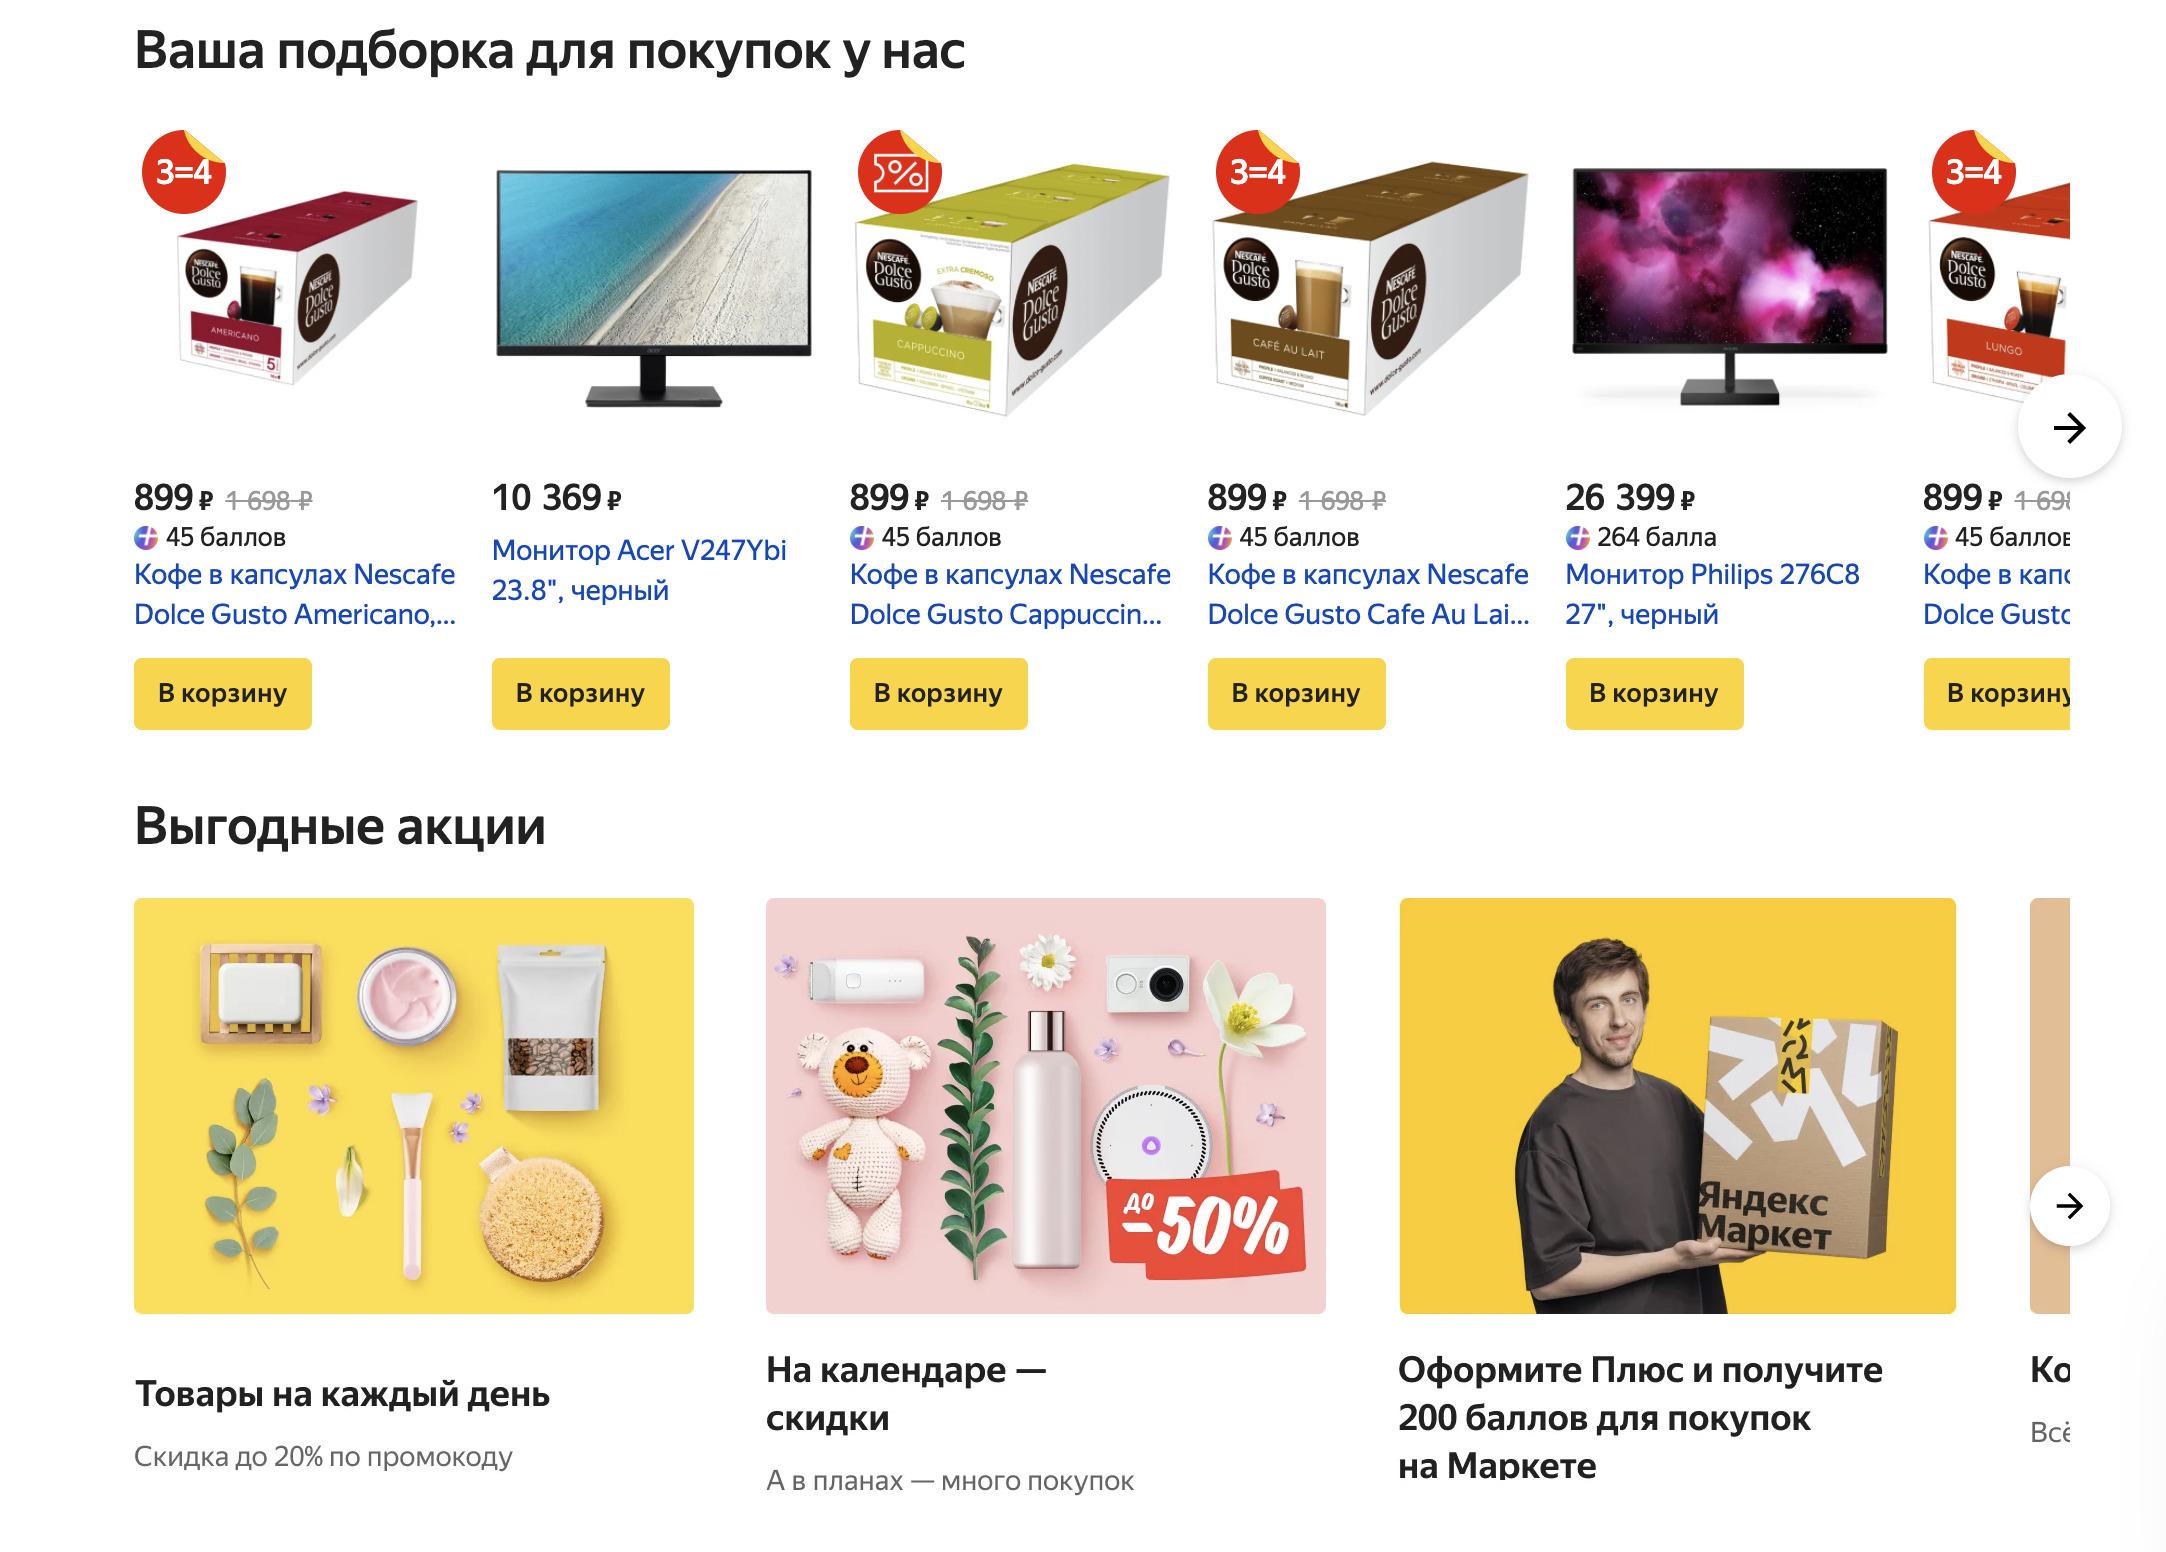 Доставка из Яндекс.Маркет в Великий Новгород, сроки, пункты выдачи, каталог